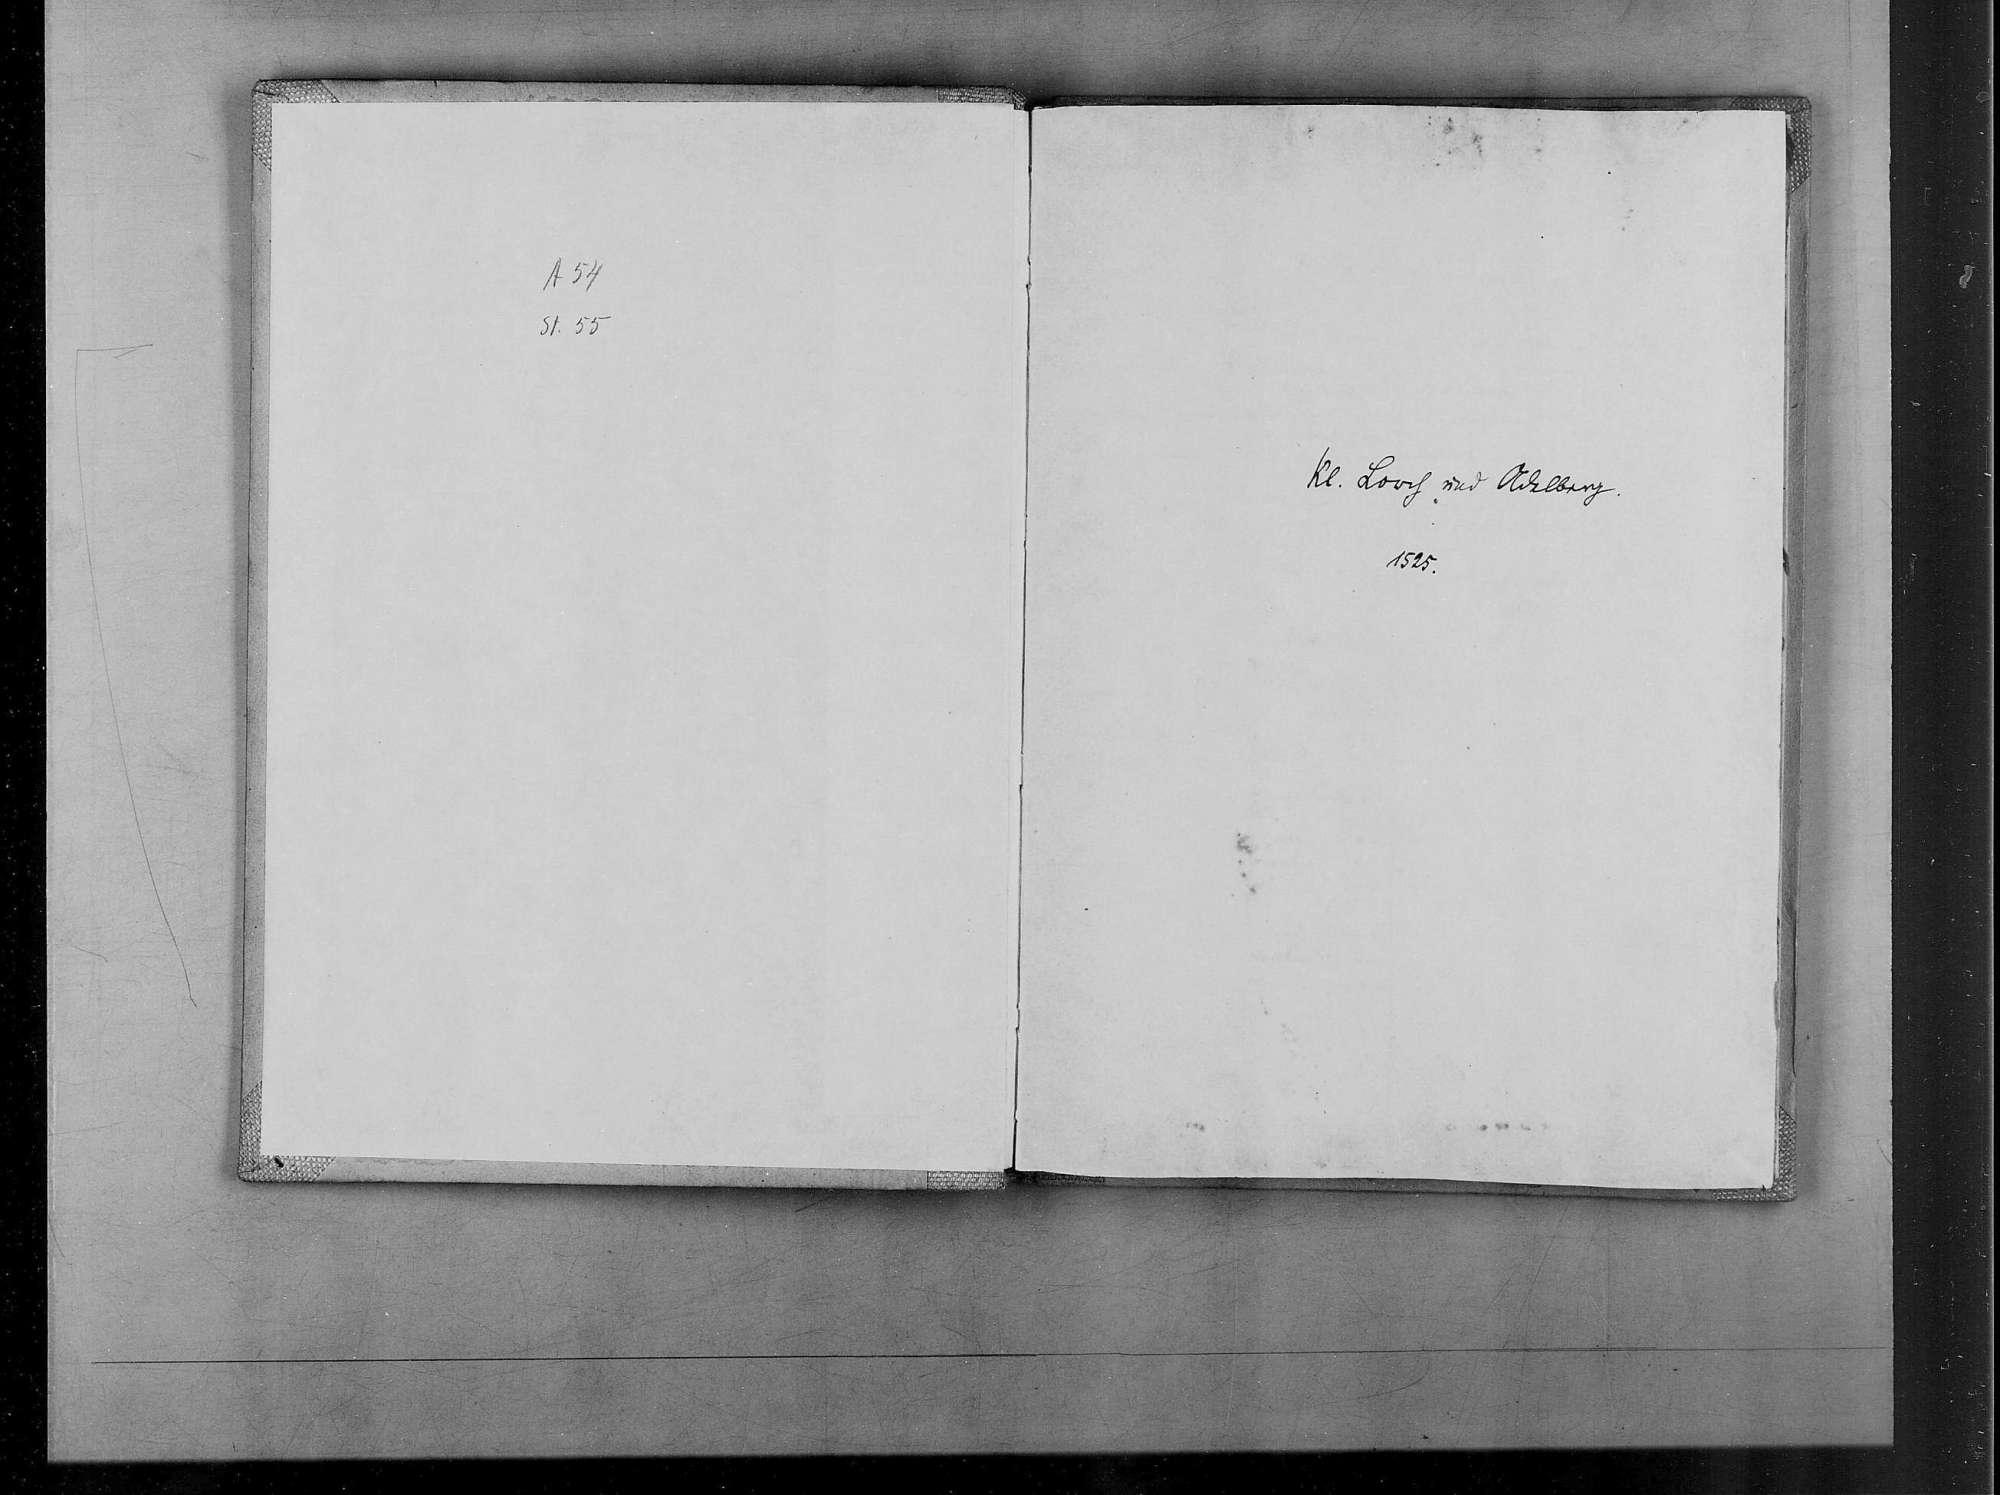 Kl. Lorch und Adelberg, Bild 2